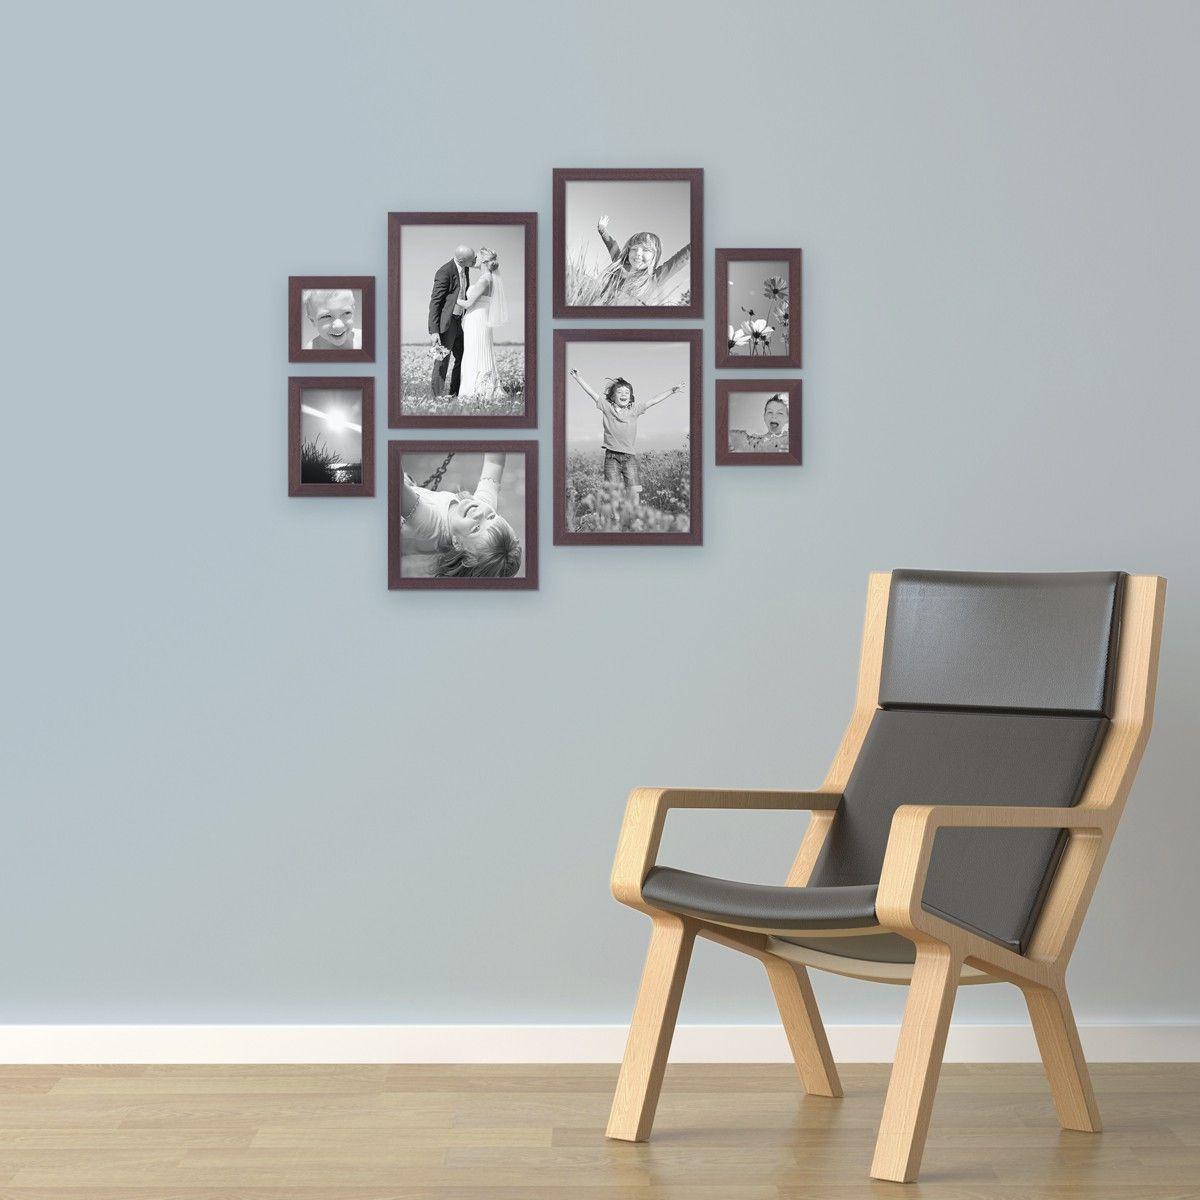 8er Set Bilderrahmen, Nuss, Modern   Bilderwände gestalten   Pinterest